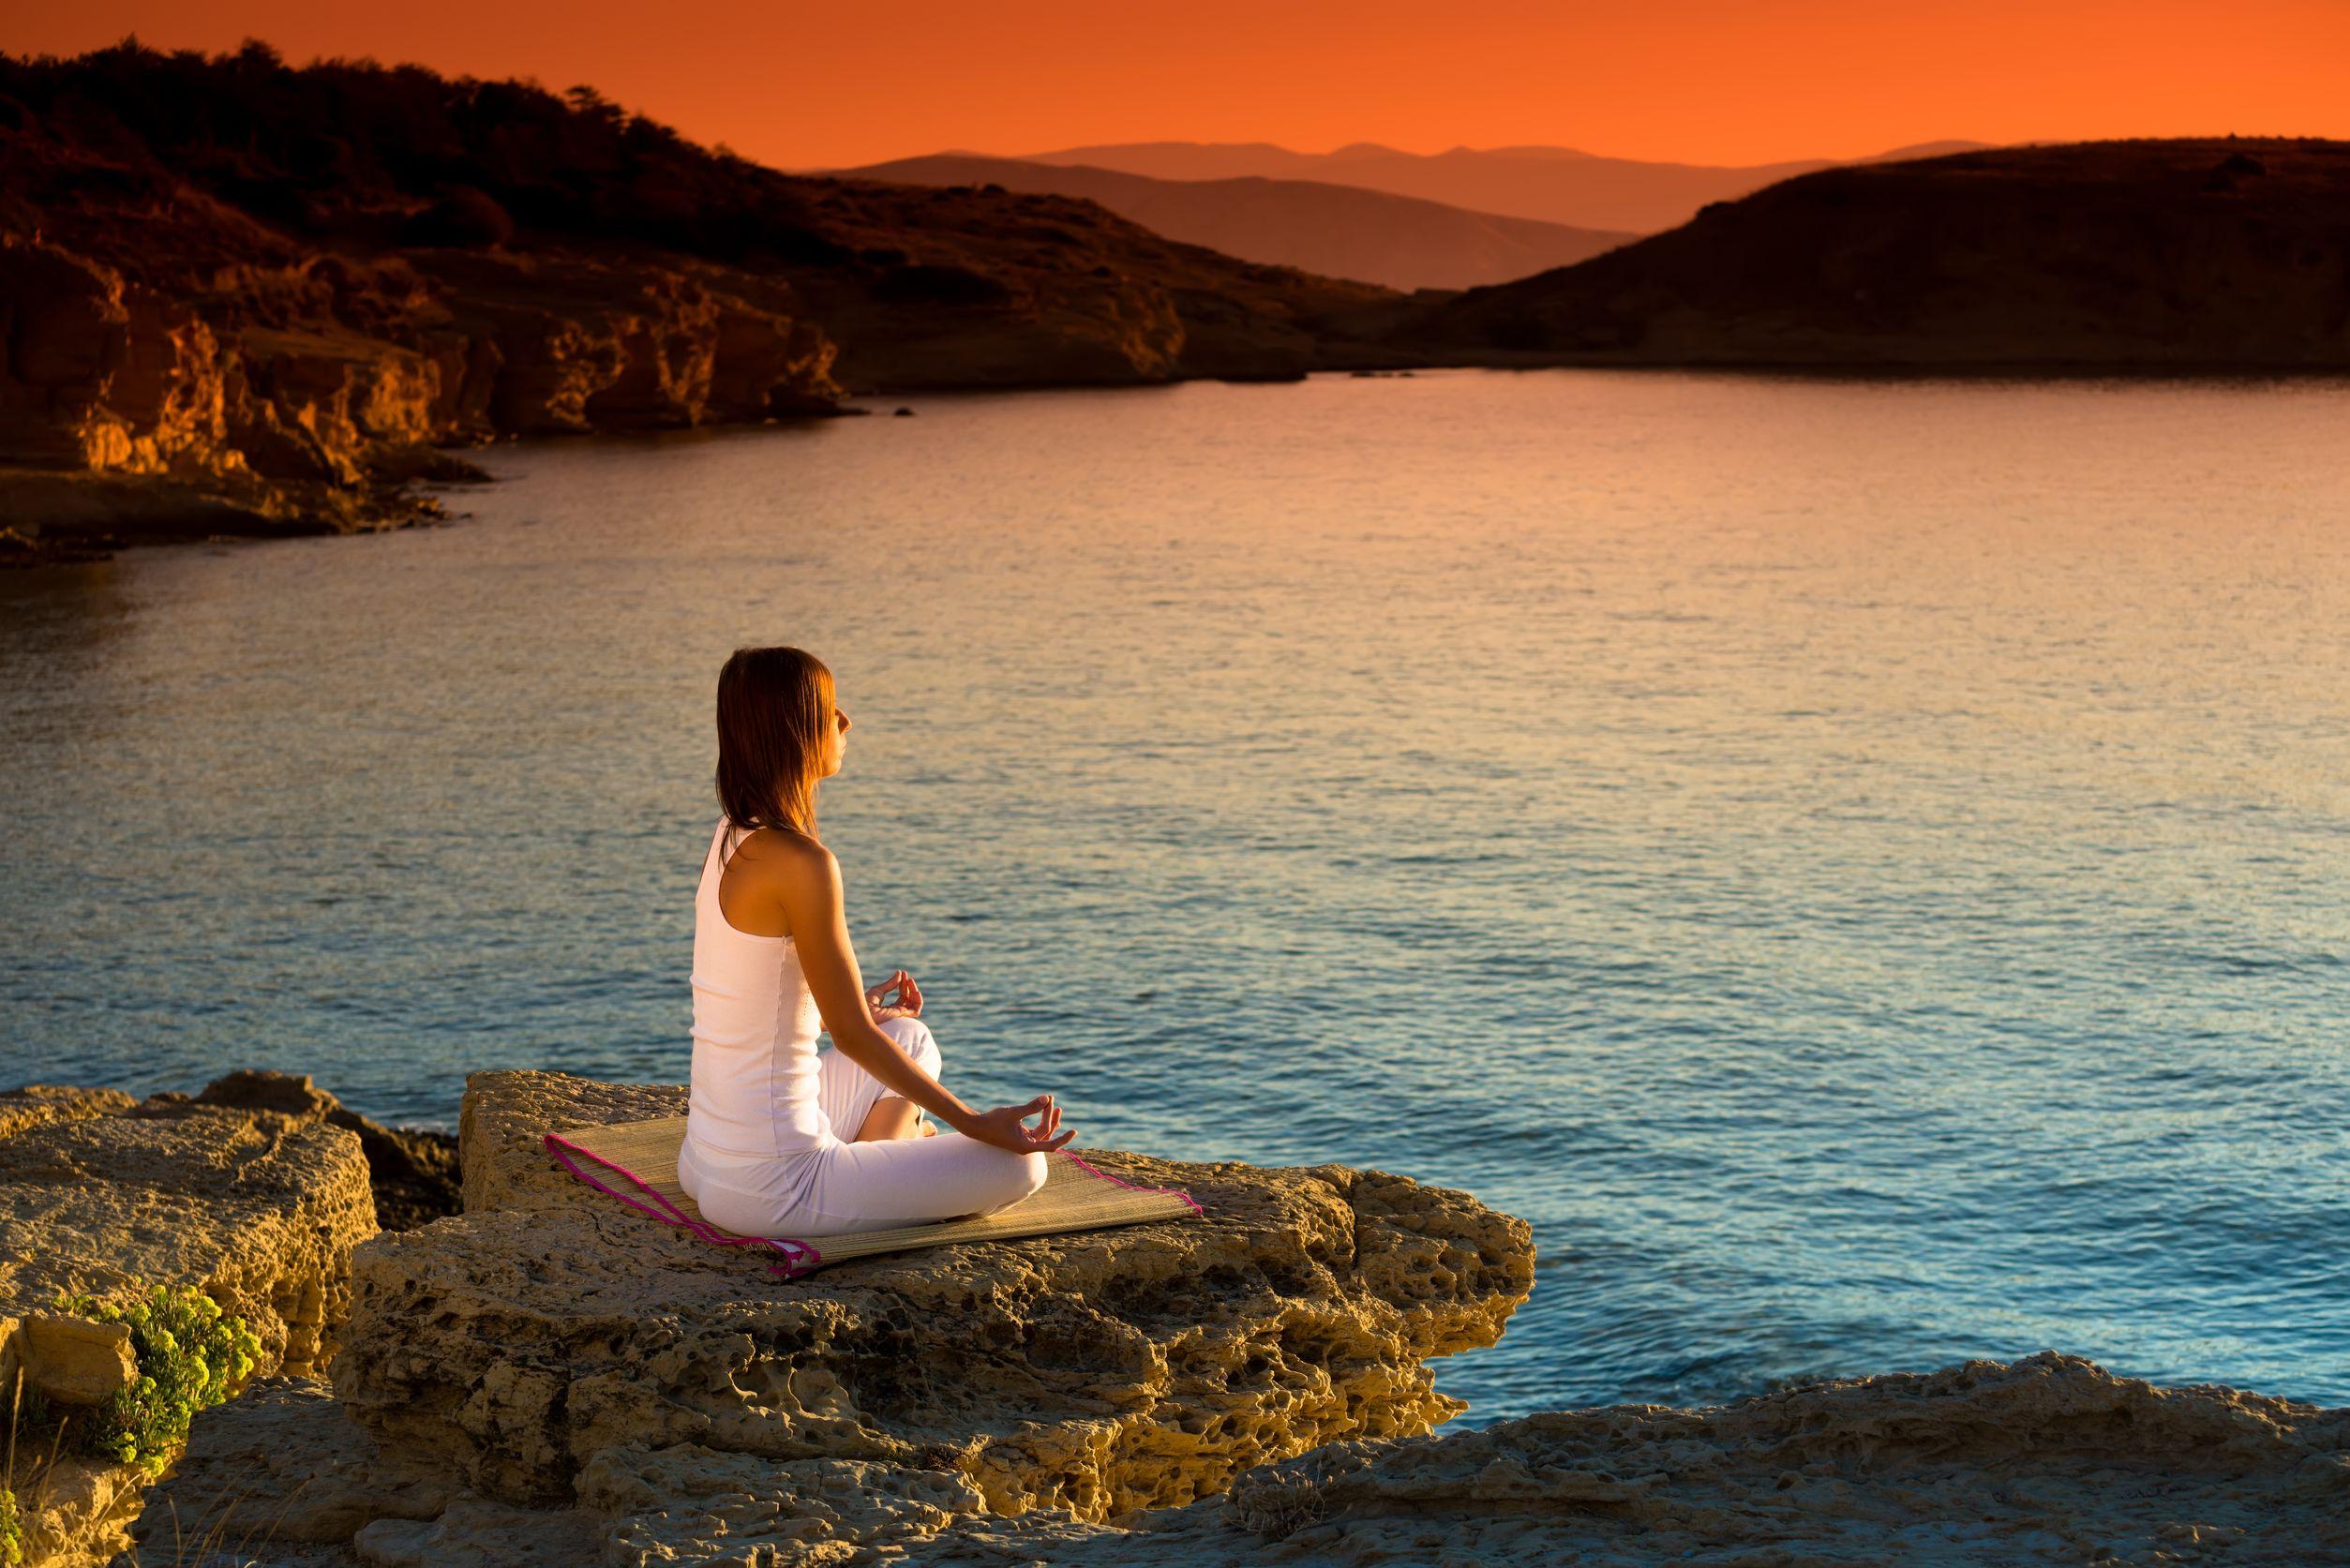 Mulher vestida de branco, sentada em uma pedra de frente para o mar, meditando.